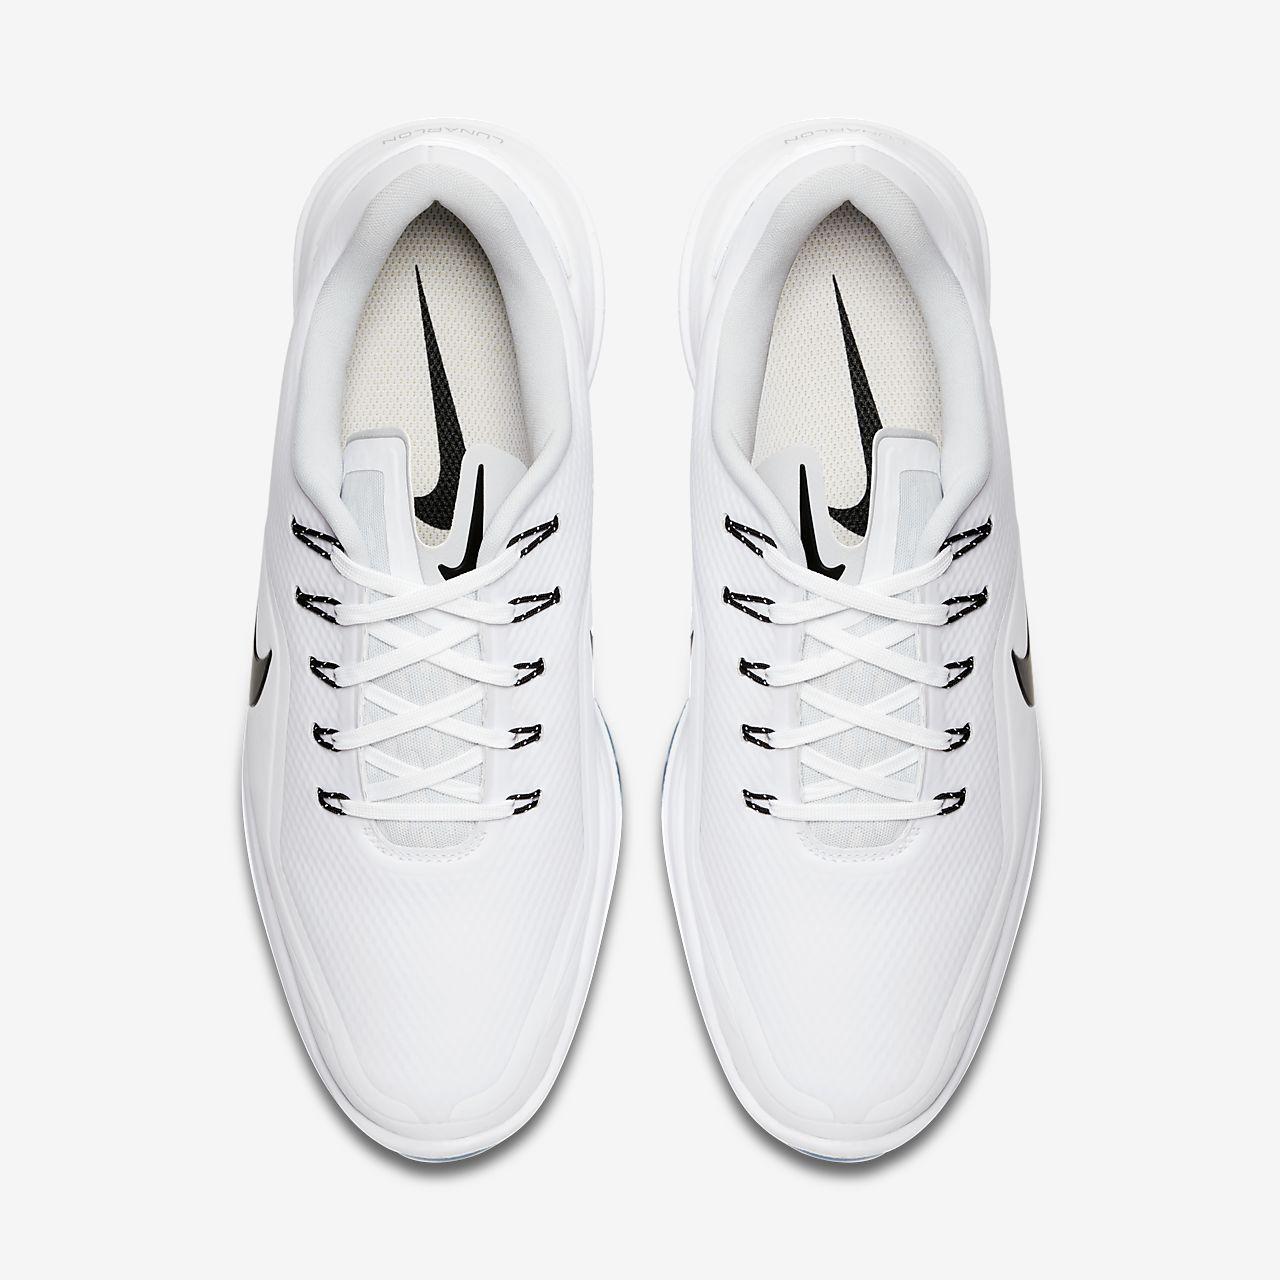 cab61d7610f6e3 Nike Lunar Control Vapor 2 Men s Golf Shoe. Nike.com MY